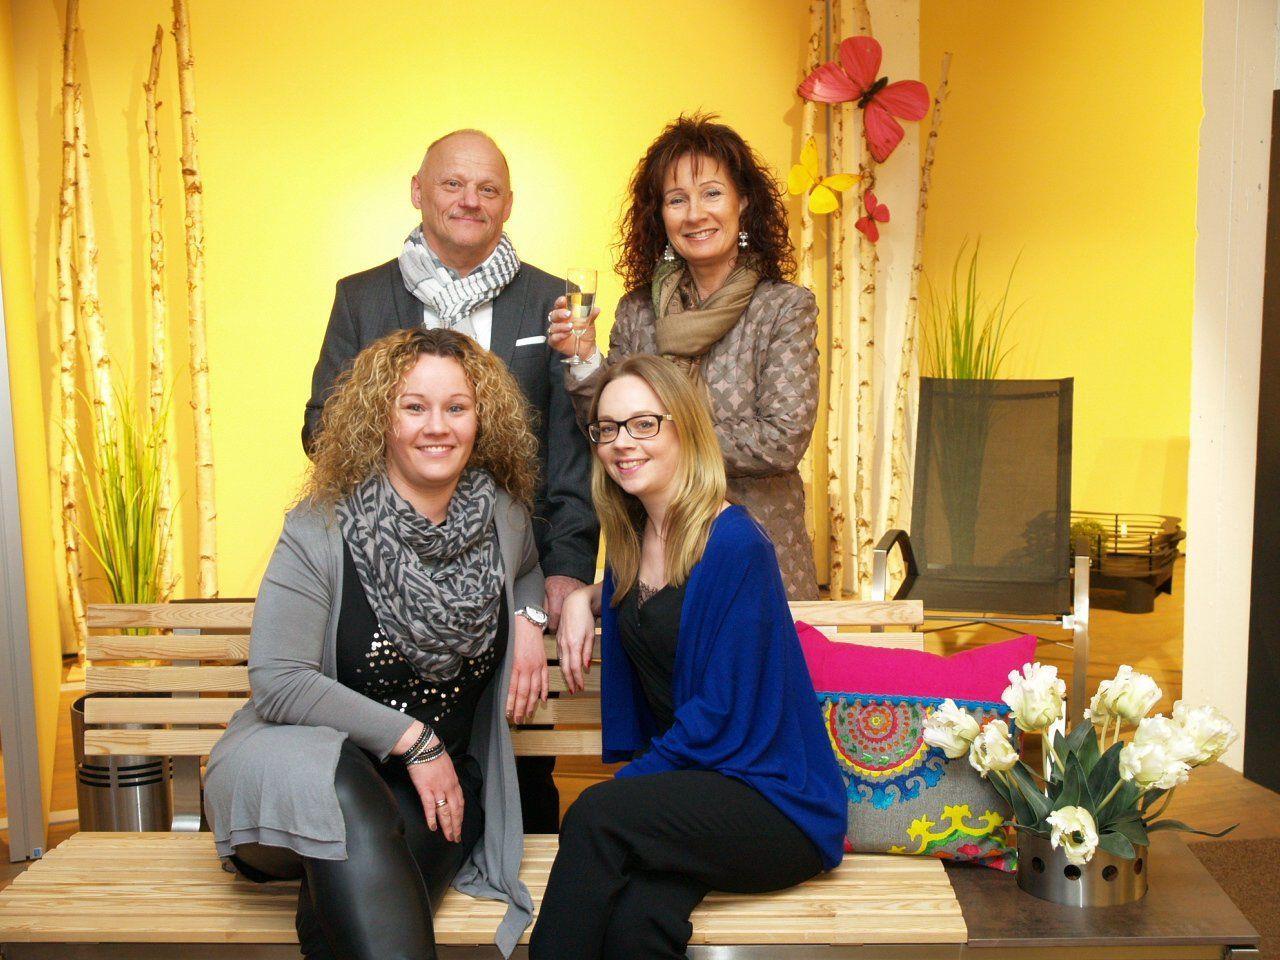 """Doris und Reinhard Kopf mit den Töchtern Jennifer und Alexandra Kopf - Mayer auf dem """"Bänkle"""" bei der Frühjahrsausstellung"""